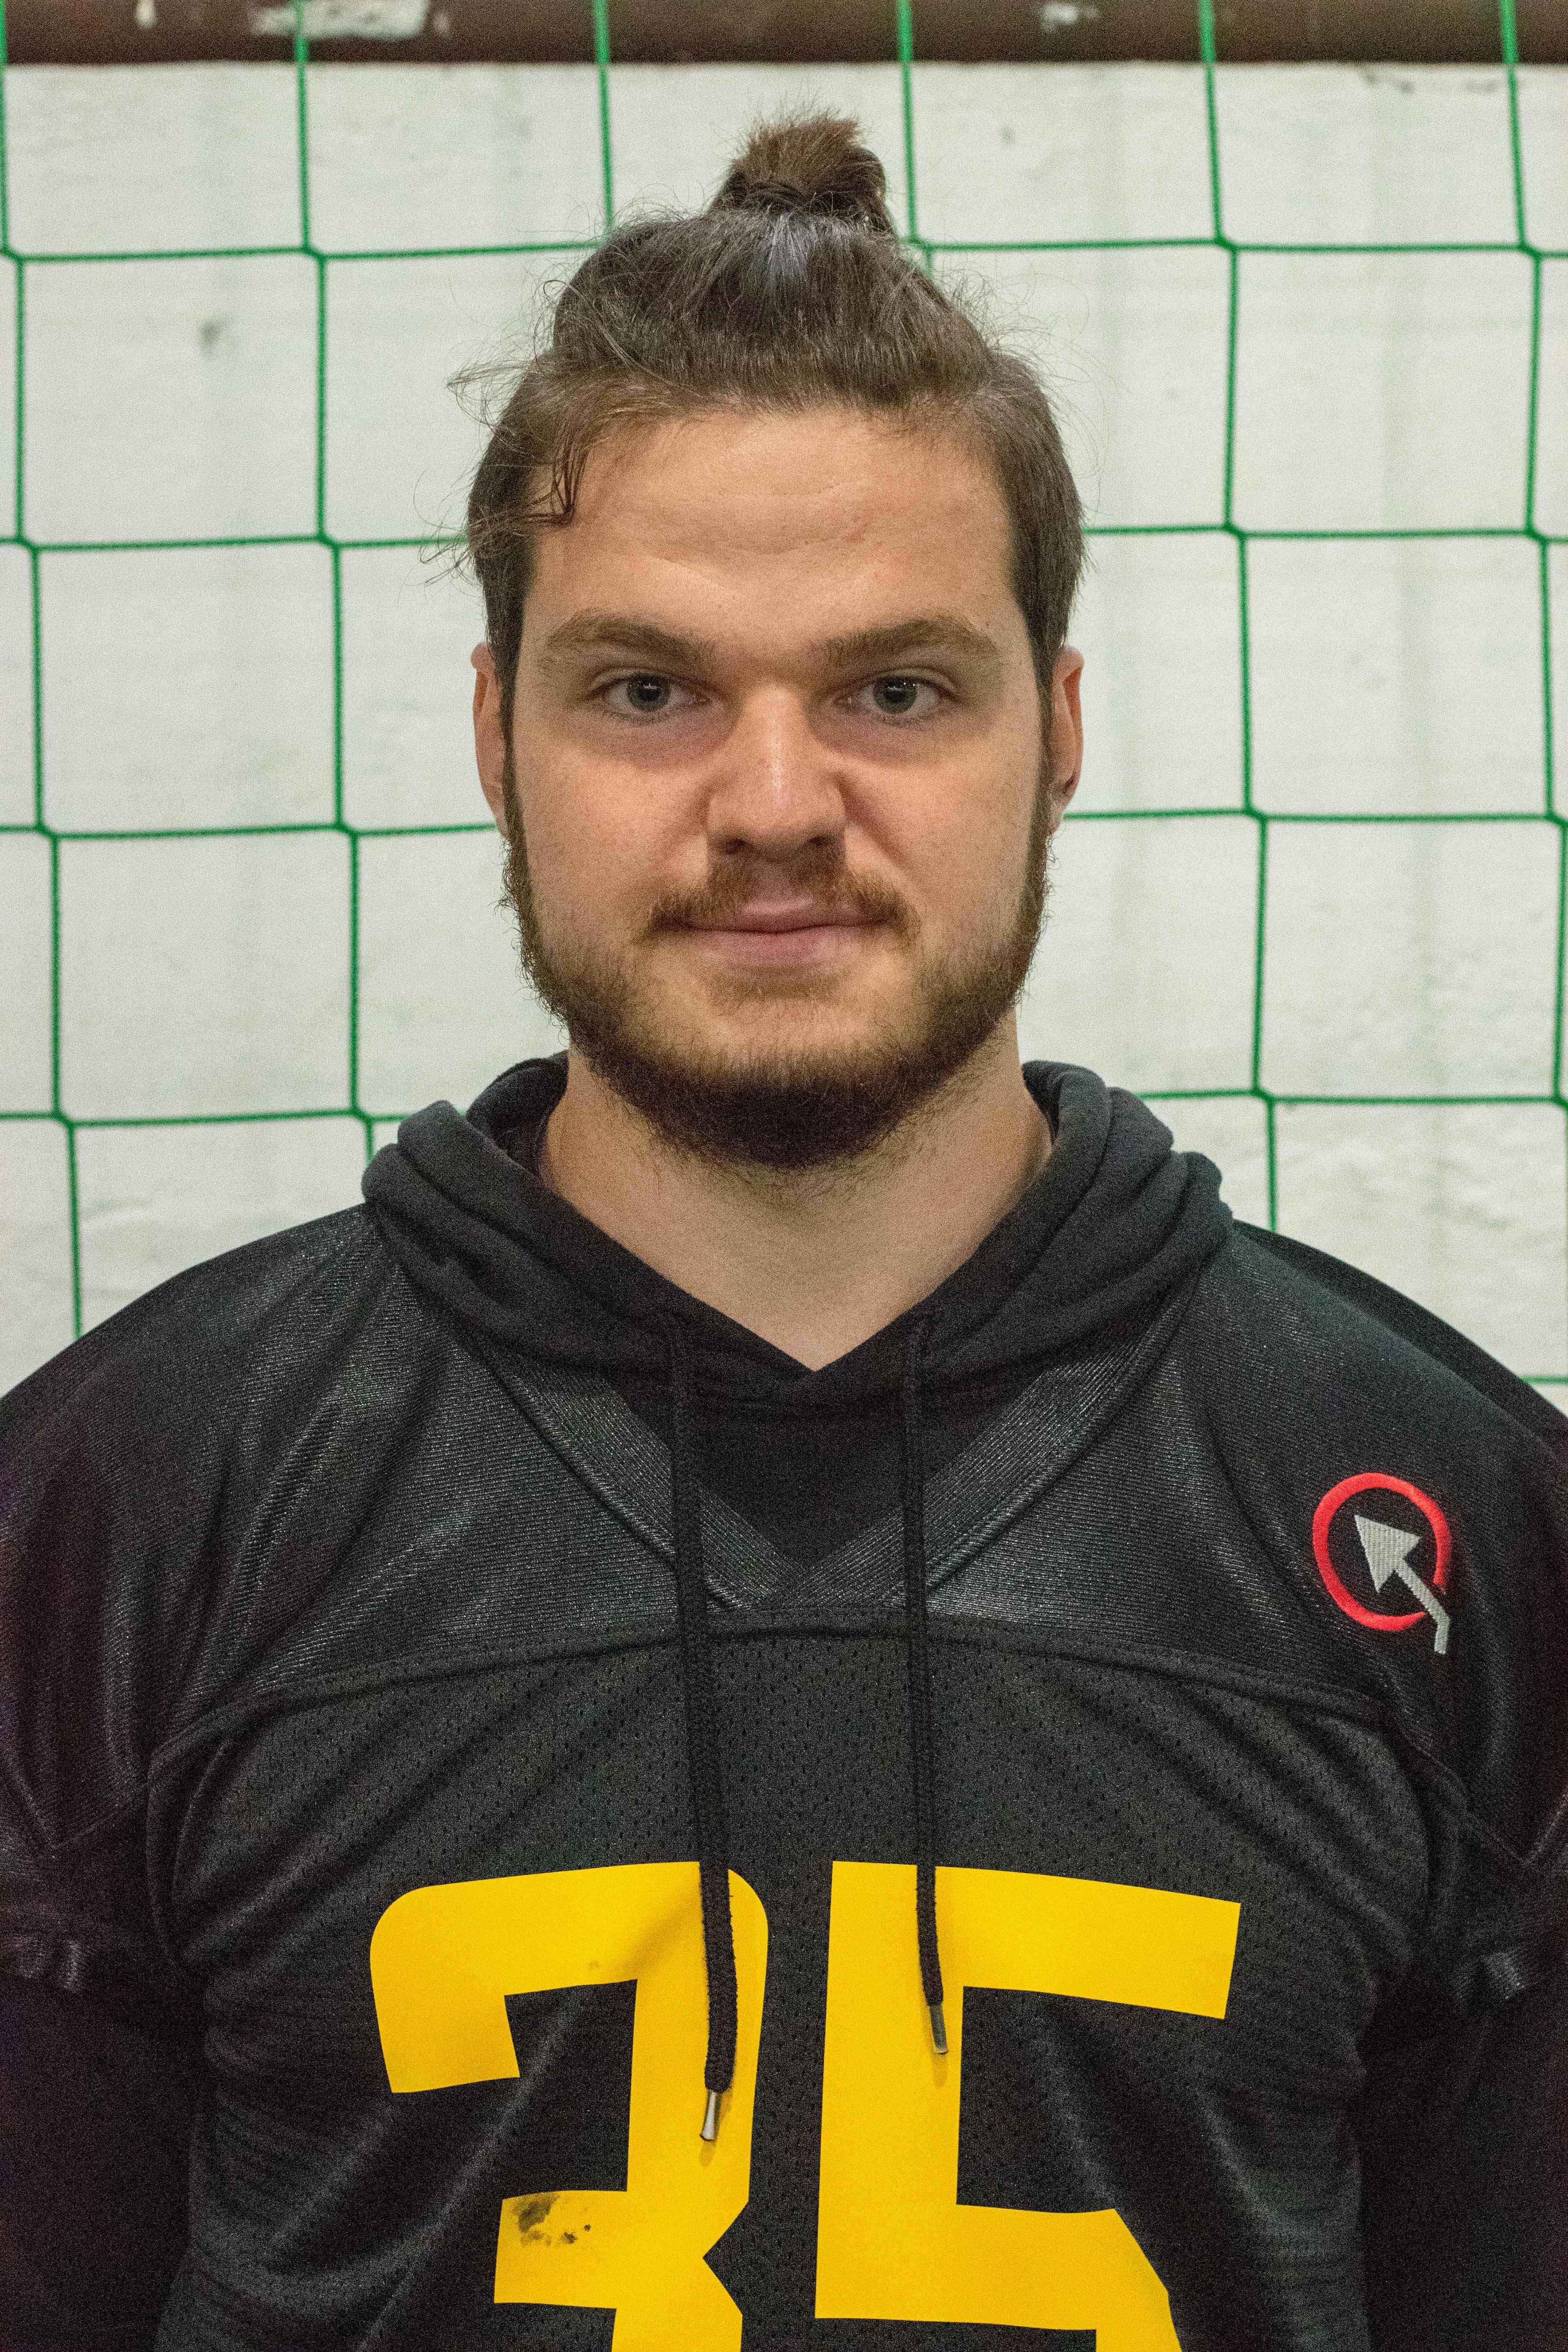 Lukas Rebensdorf